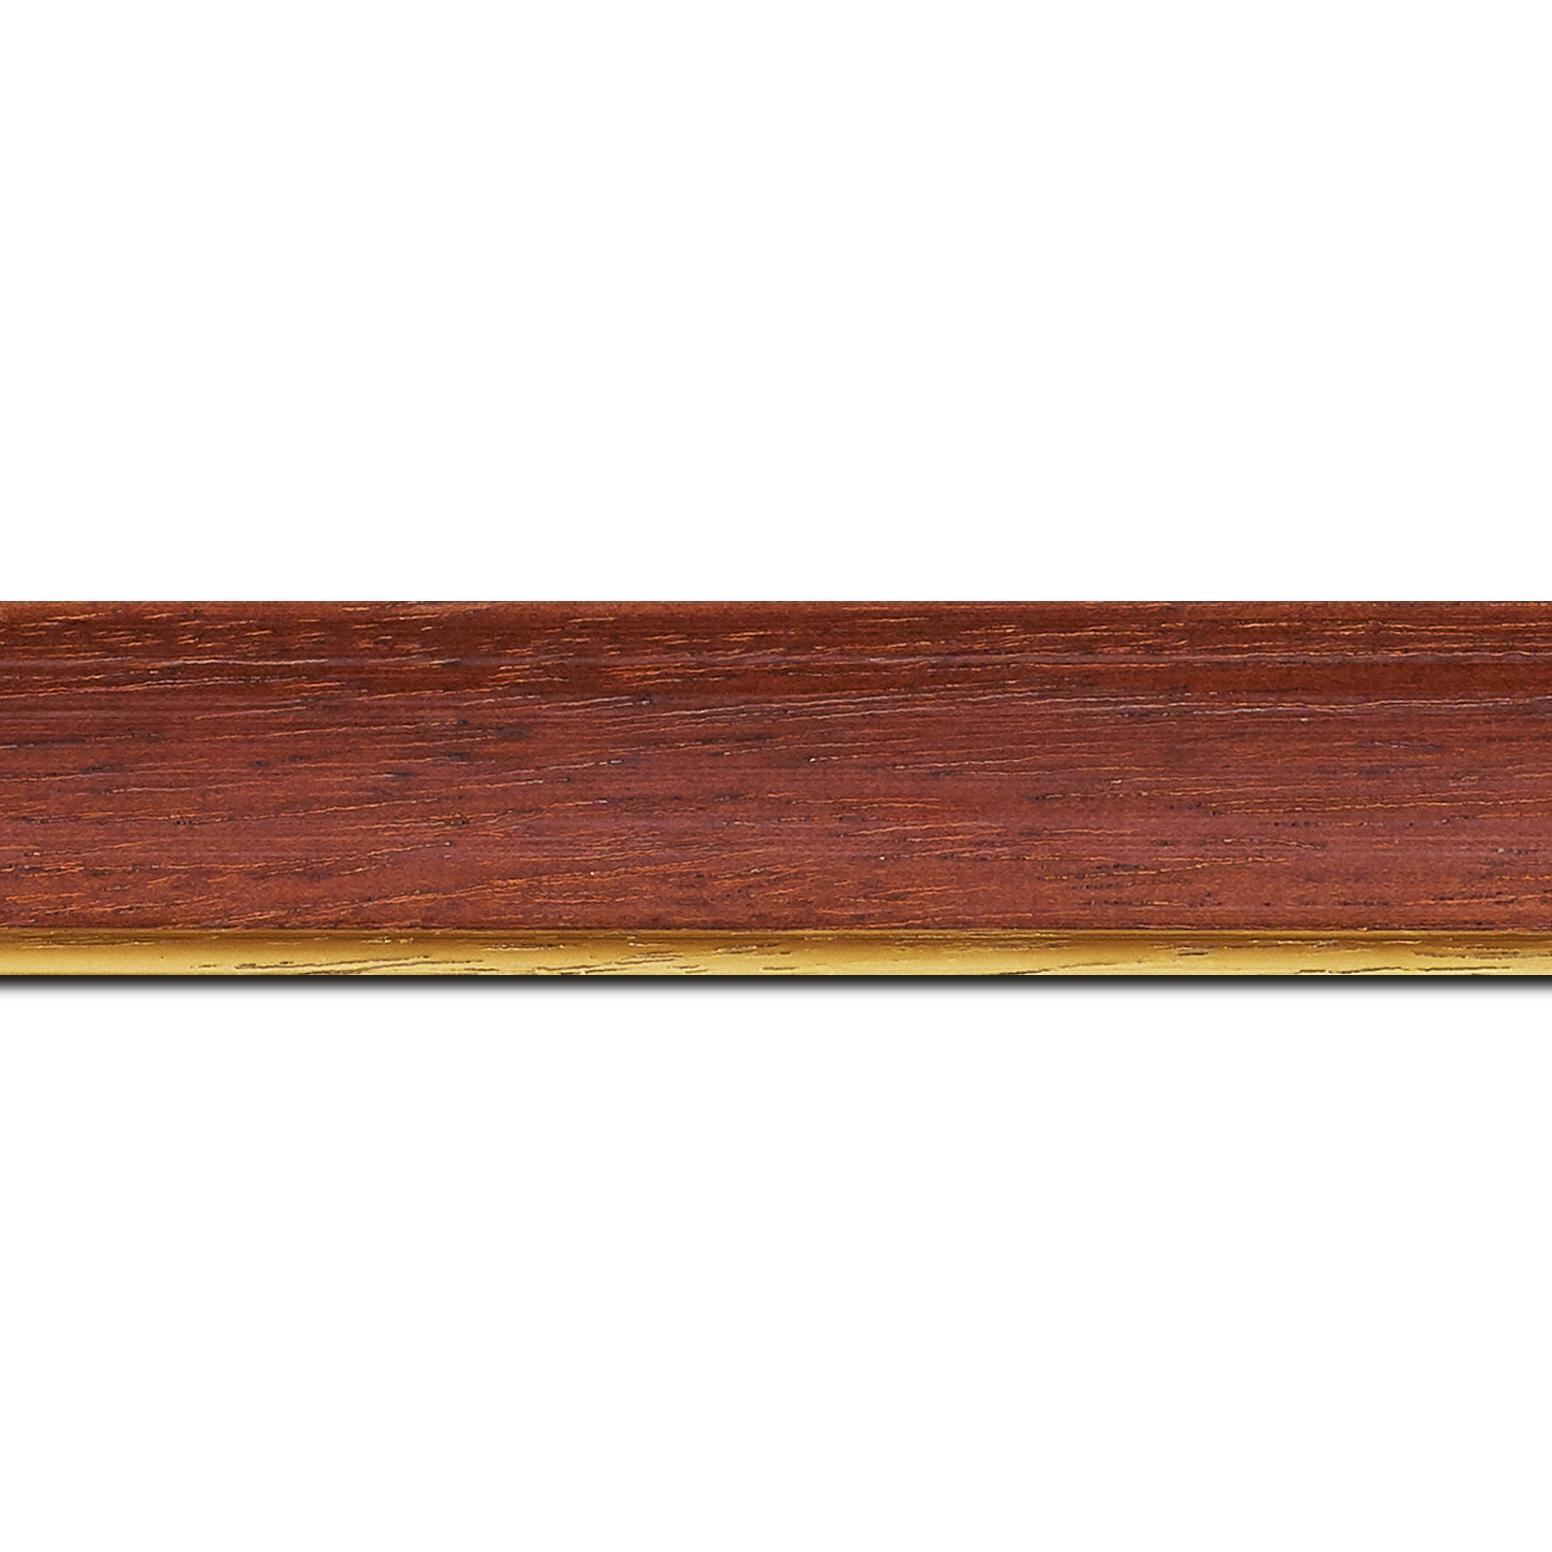 Baguette longueur 1.40m bois profil incurvé largeur 3.9cm couleur acajou satiné filet or